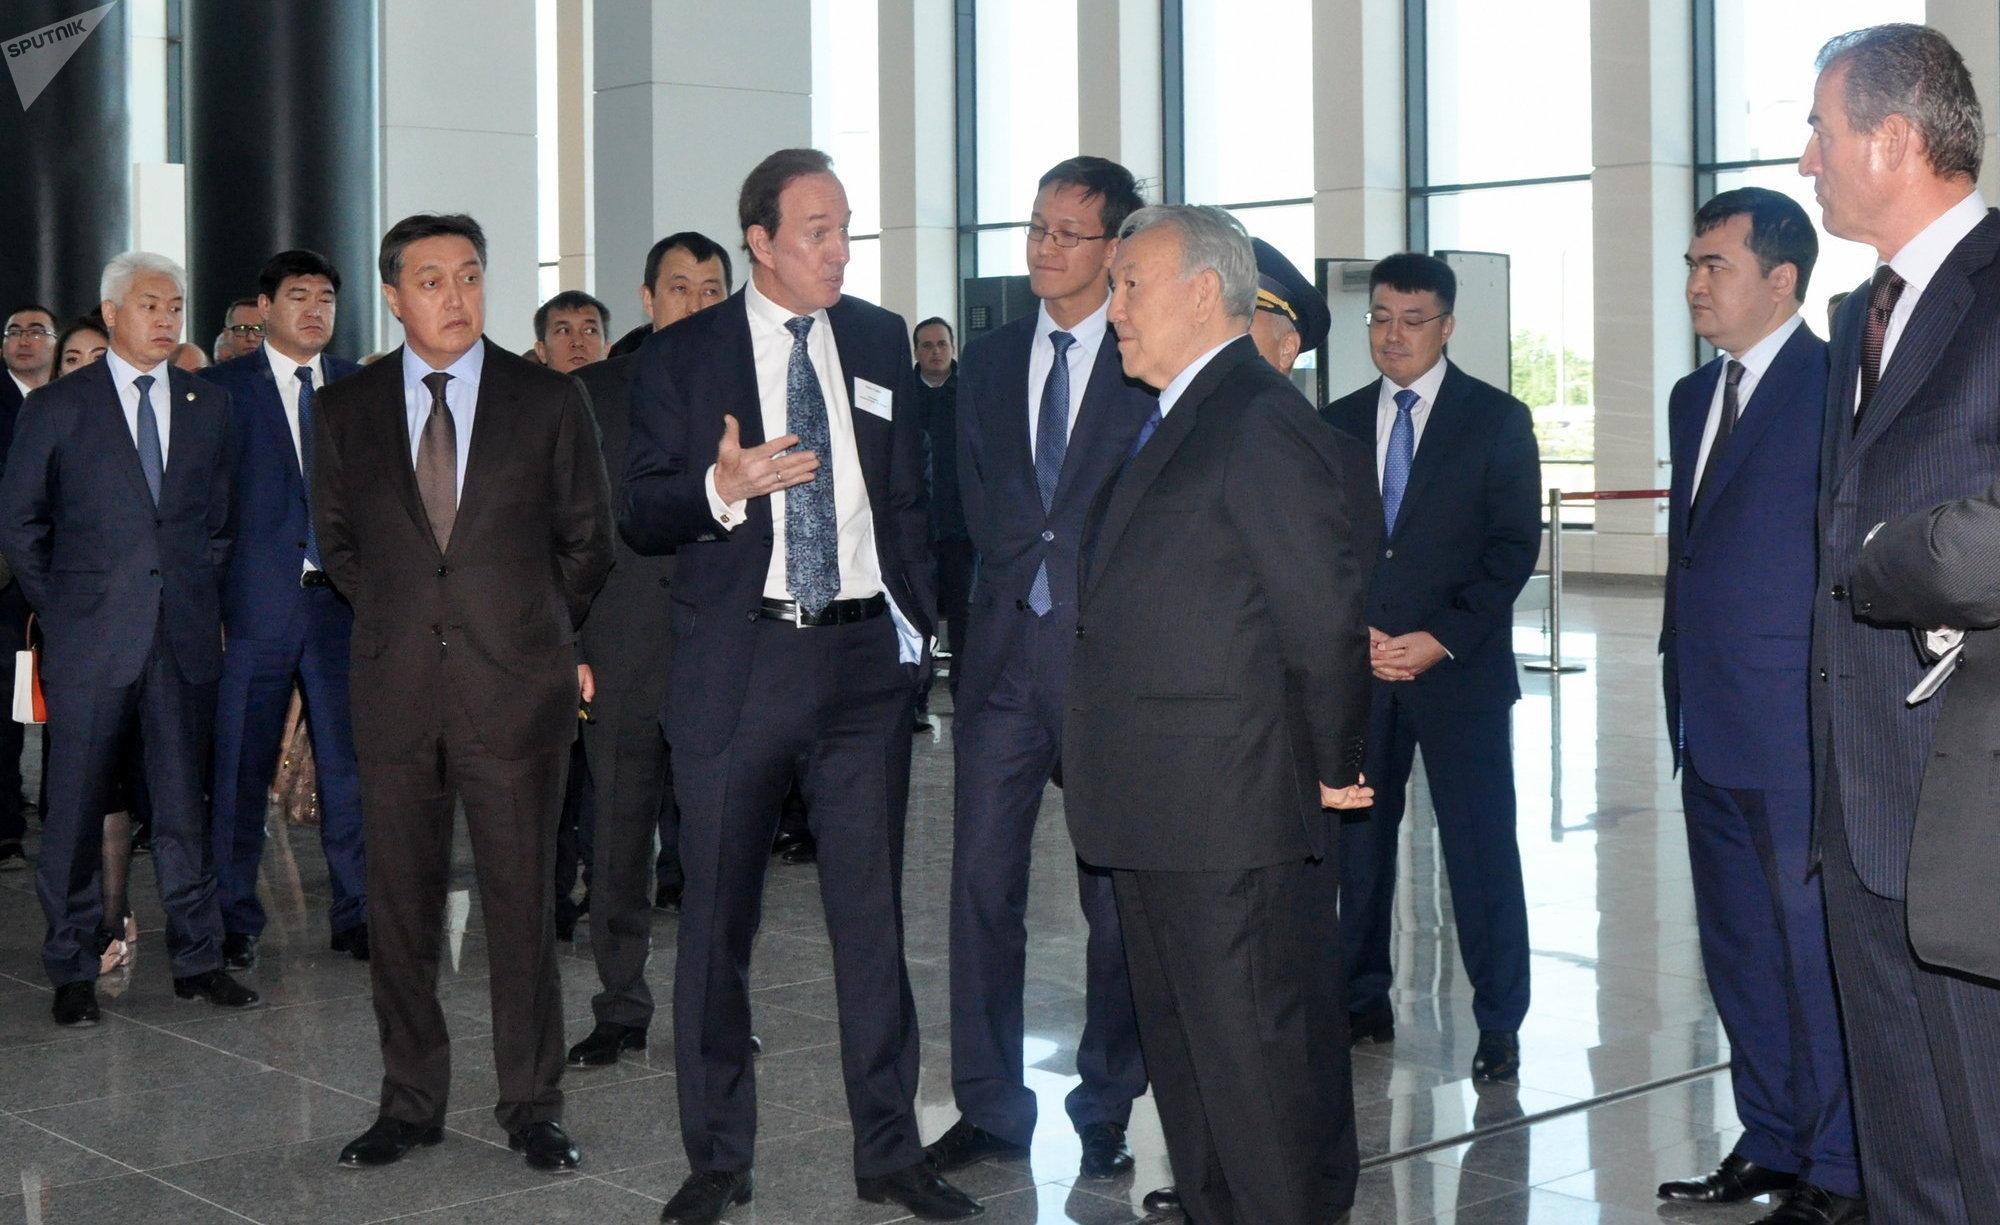 Президент компании Эйр Астана Питер Фостер  отметил растущую роль столицы во влиянии на авиаперевозки, рассказал, за что он благодарен президенту и для чего в столице нужен новый терминал